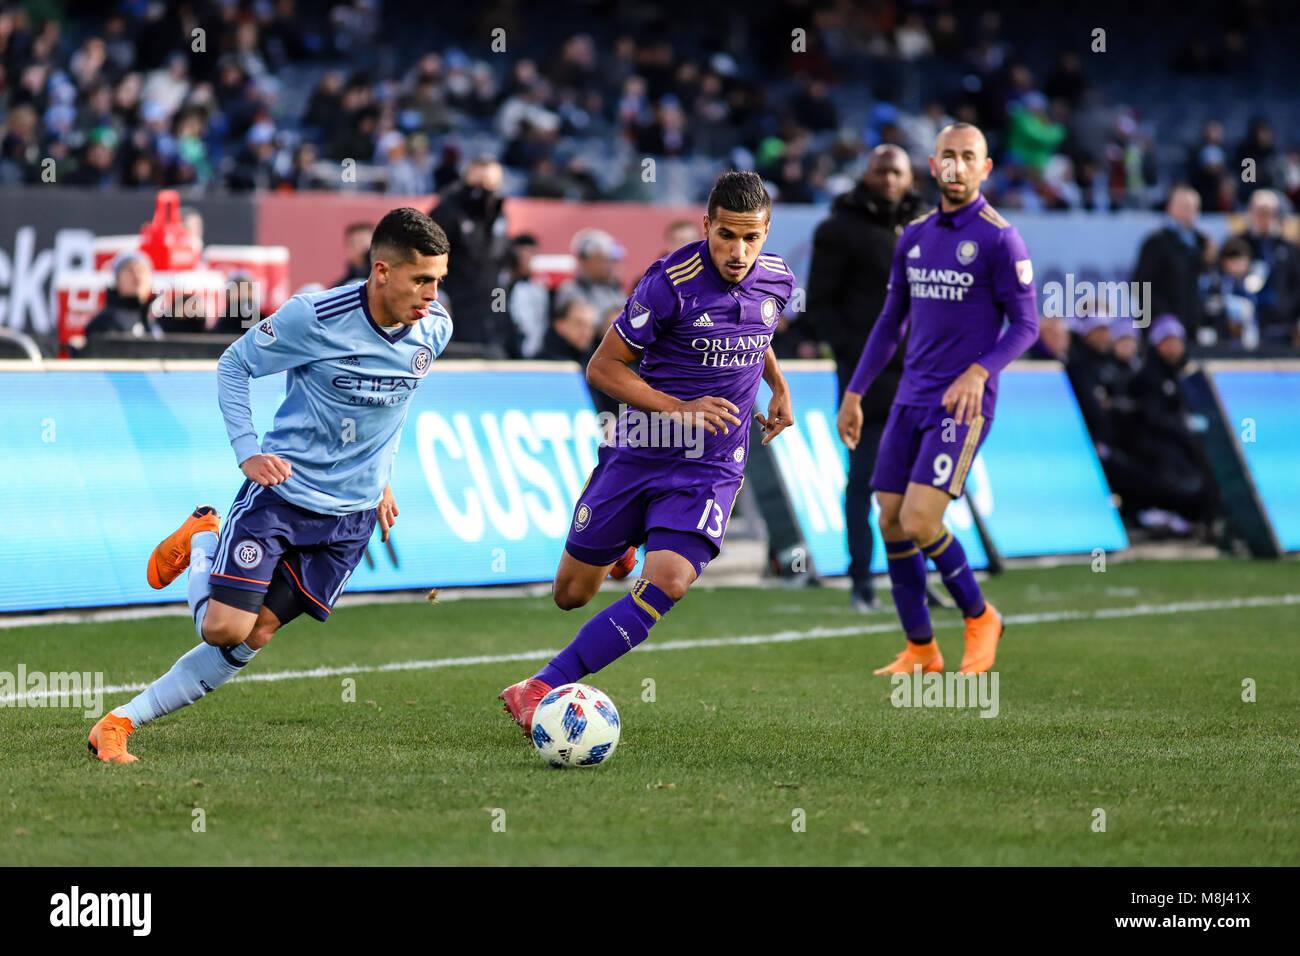 NYCFC vs. Orlando City SC action at Yankee Stadium on 17th March 2018. NYCFC won 2-0. Jesus Medina (19) dribbles. Stock Photo